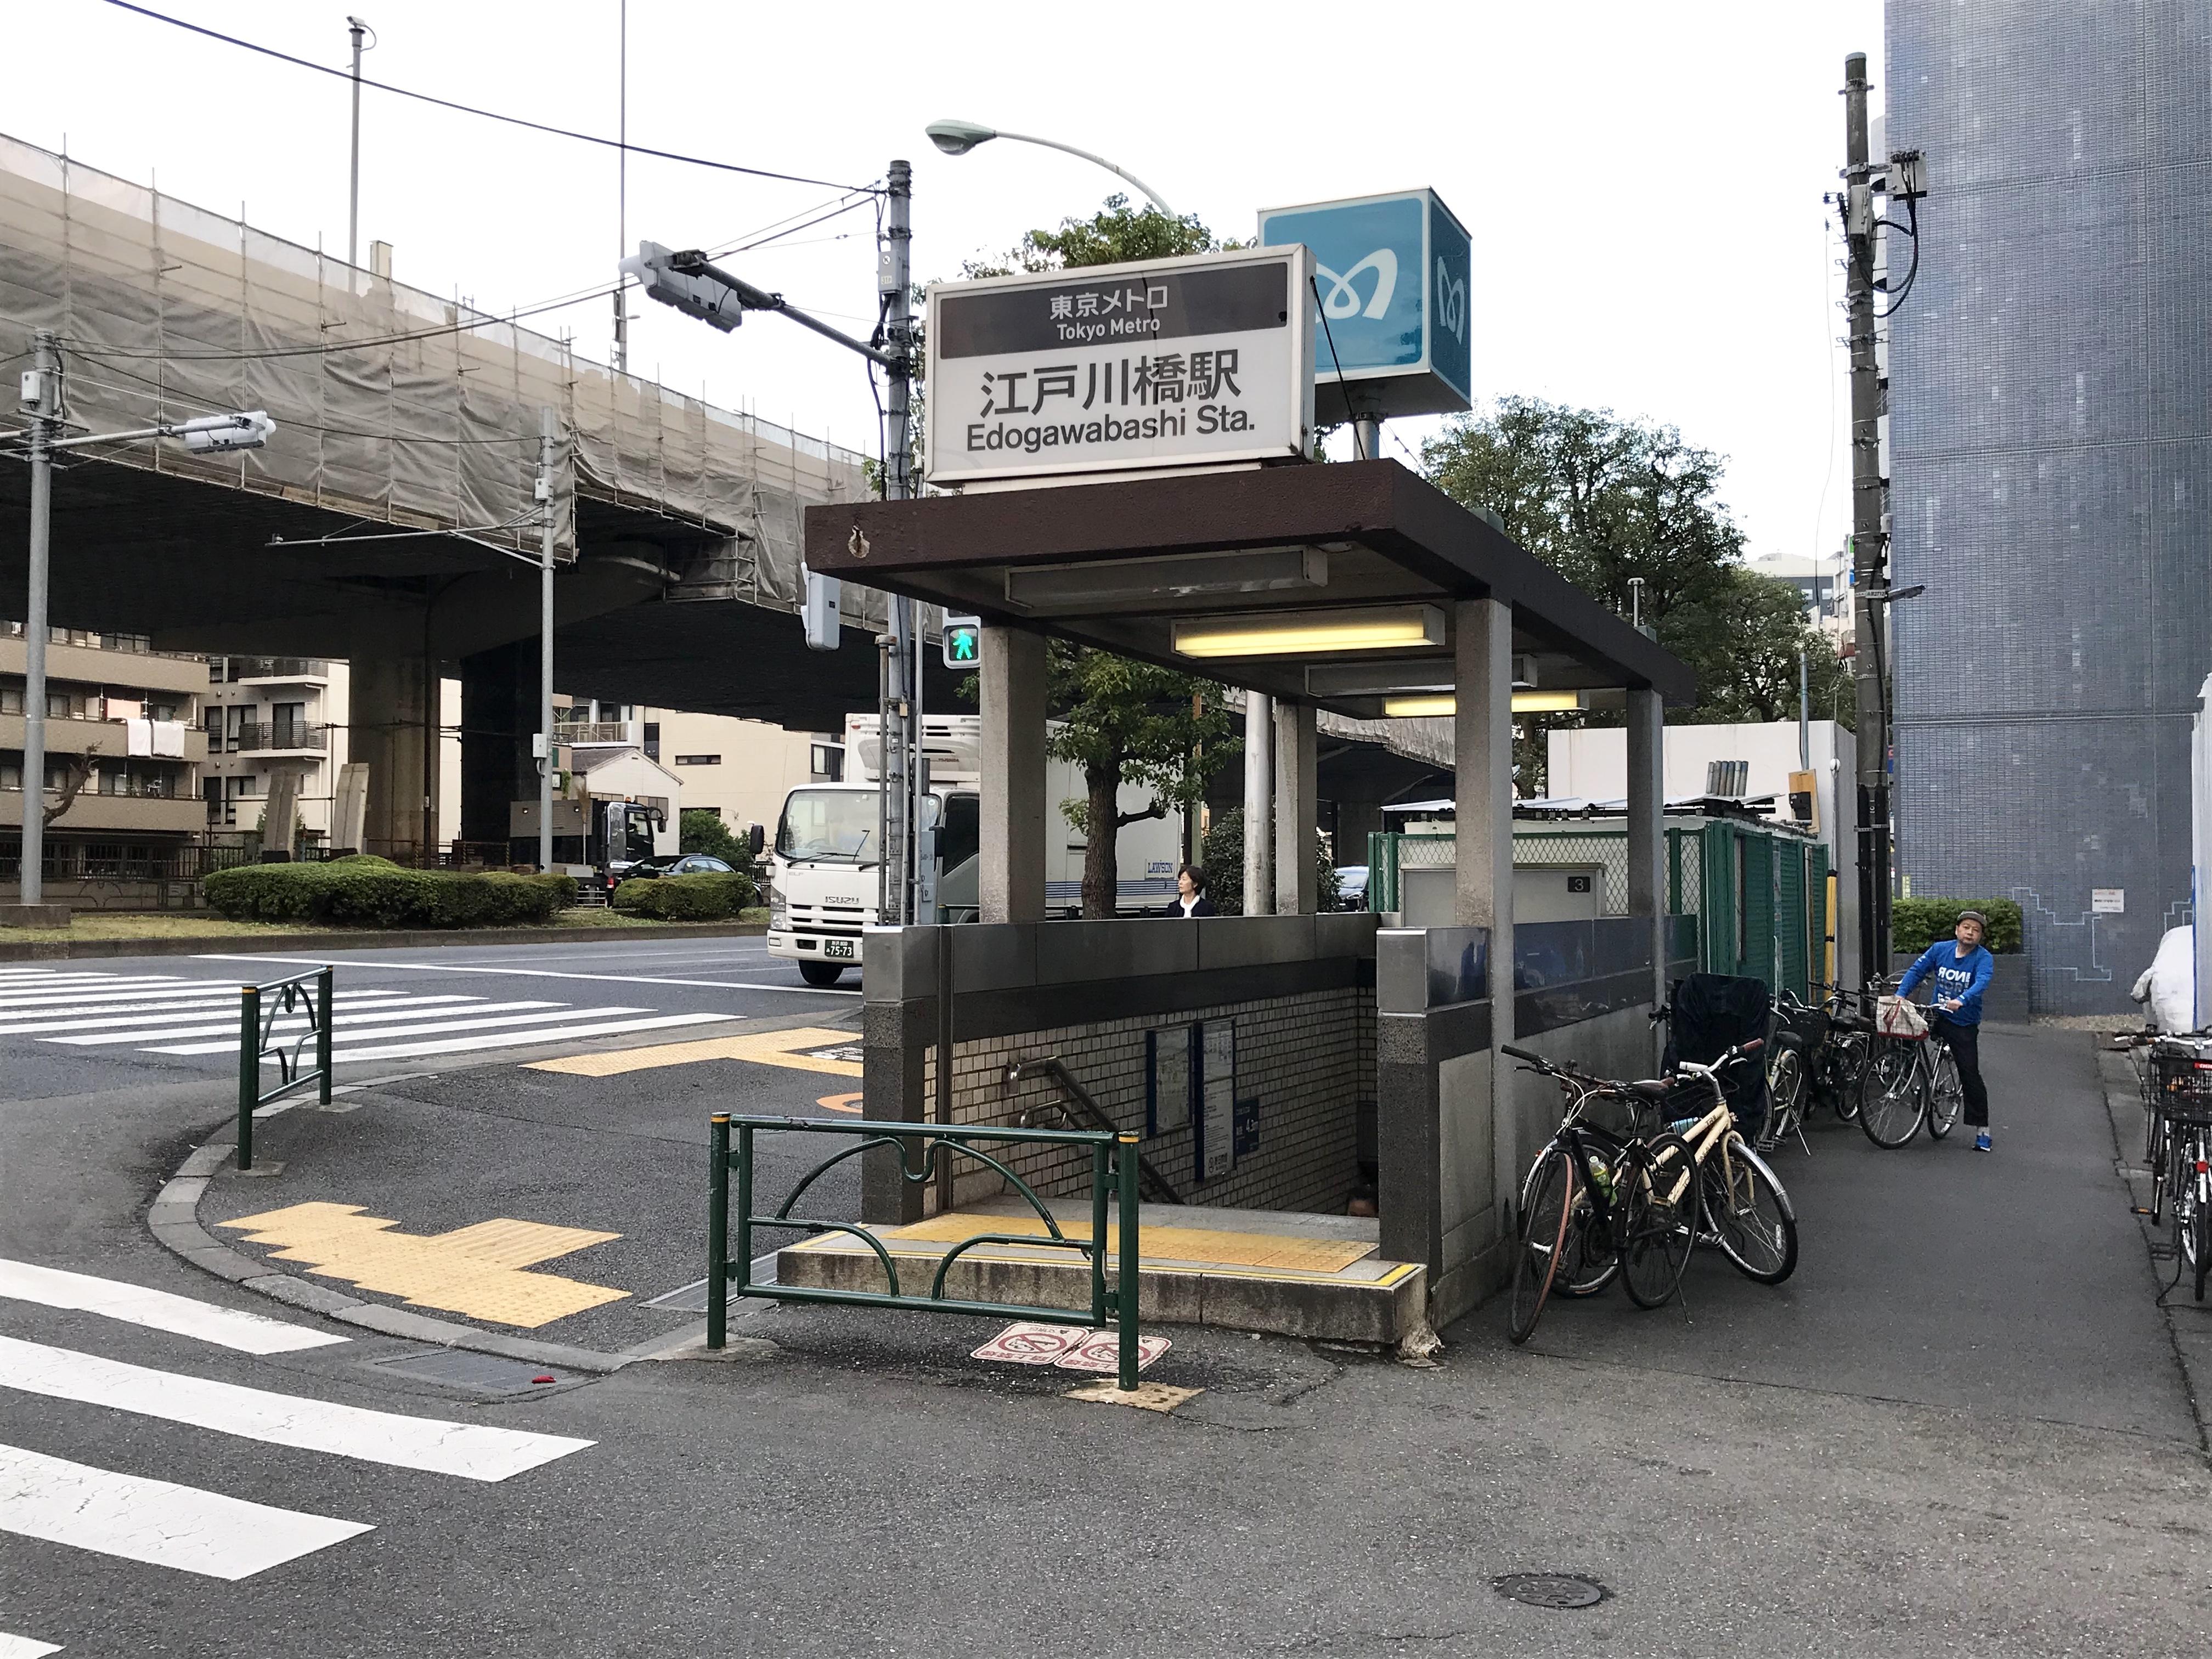 https://upload.wikimedia.org/wikipedia/commons/f/f2/Edogawabashi-Station-Exit3.jpg